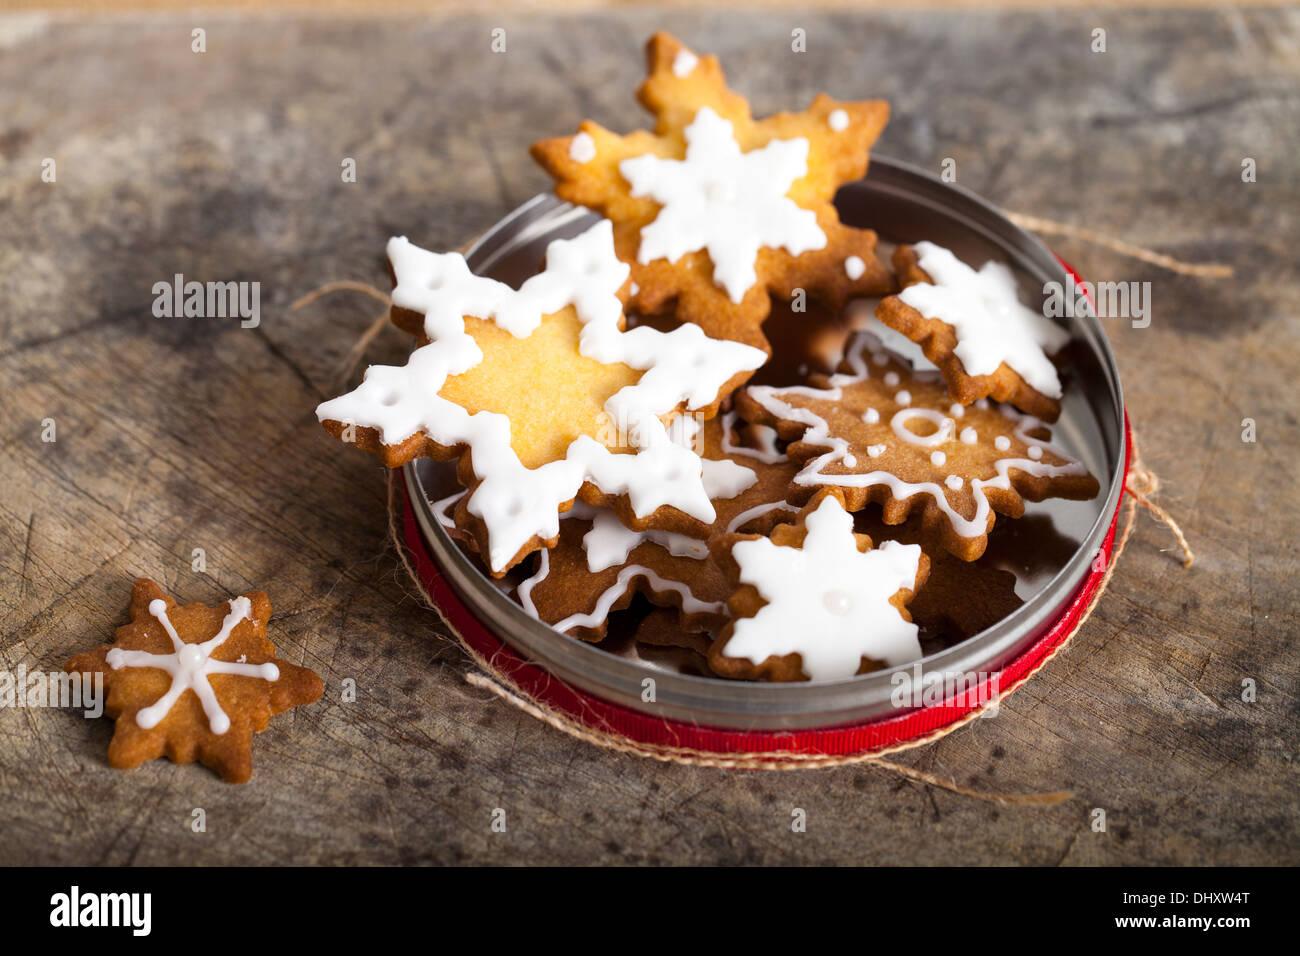 Les biscuits de Noël avec du glaçage Photo Stock